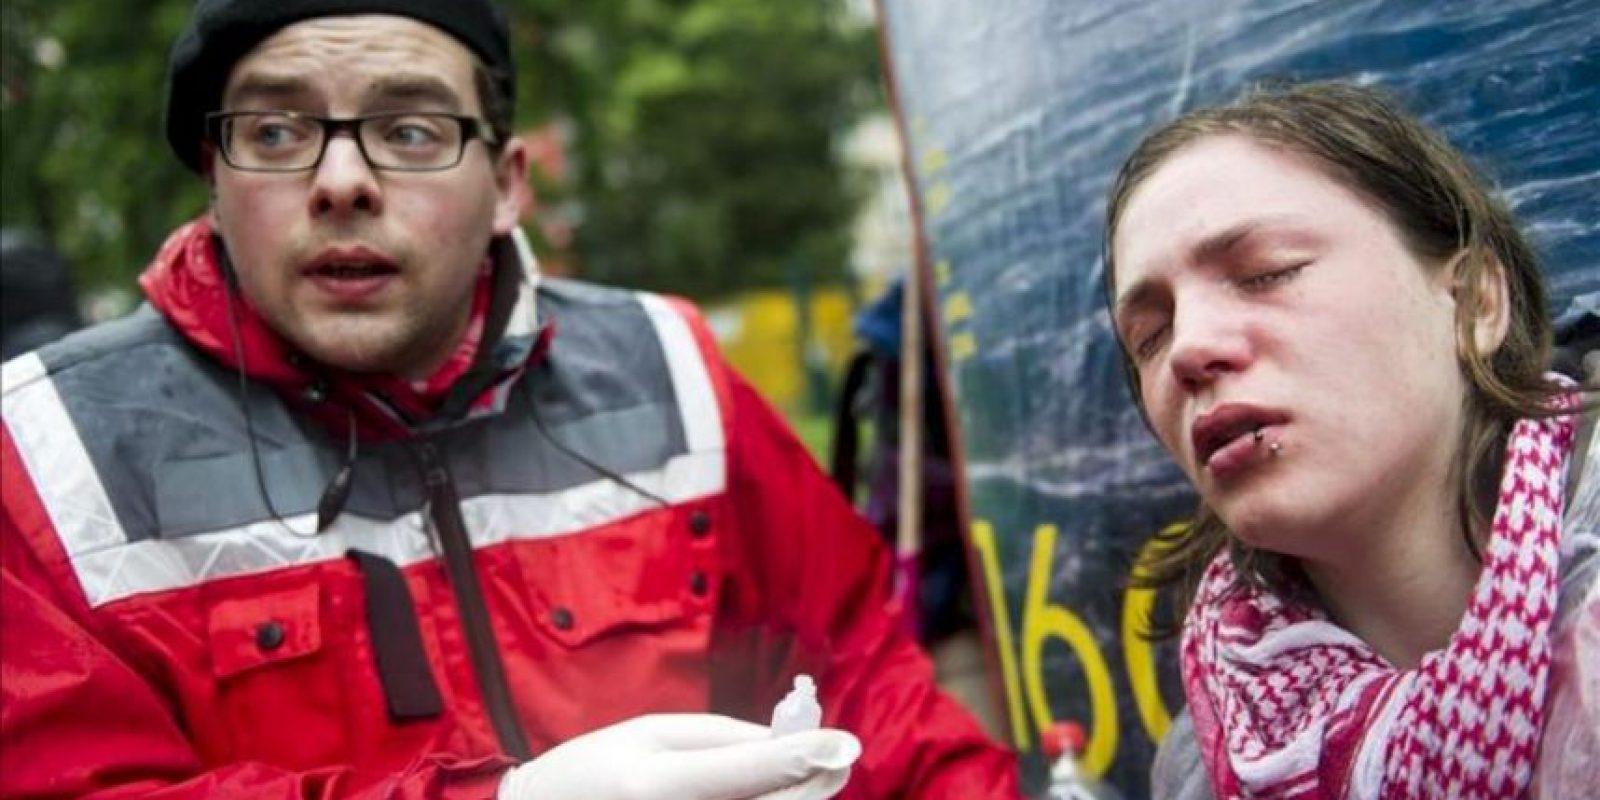 """Una activists del movimiento """"Blockupy"""" recibe tratamiento médico durante una concentración ante la sede del Banco Central Europeo en Fráncfort (Alemania). EFE"""